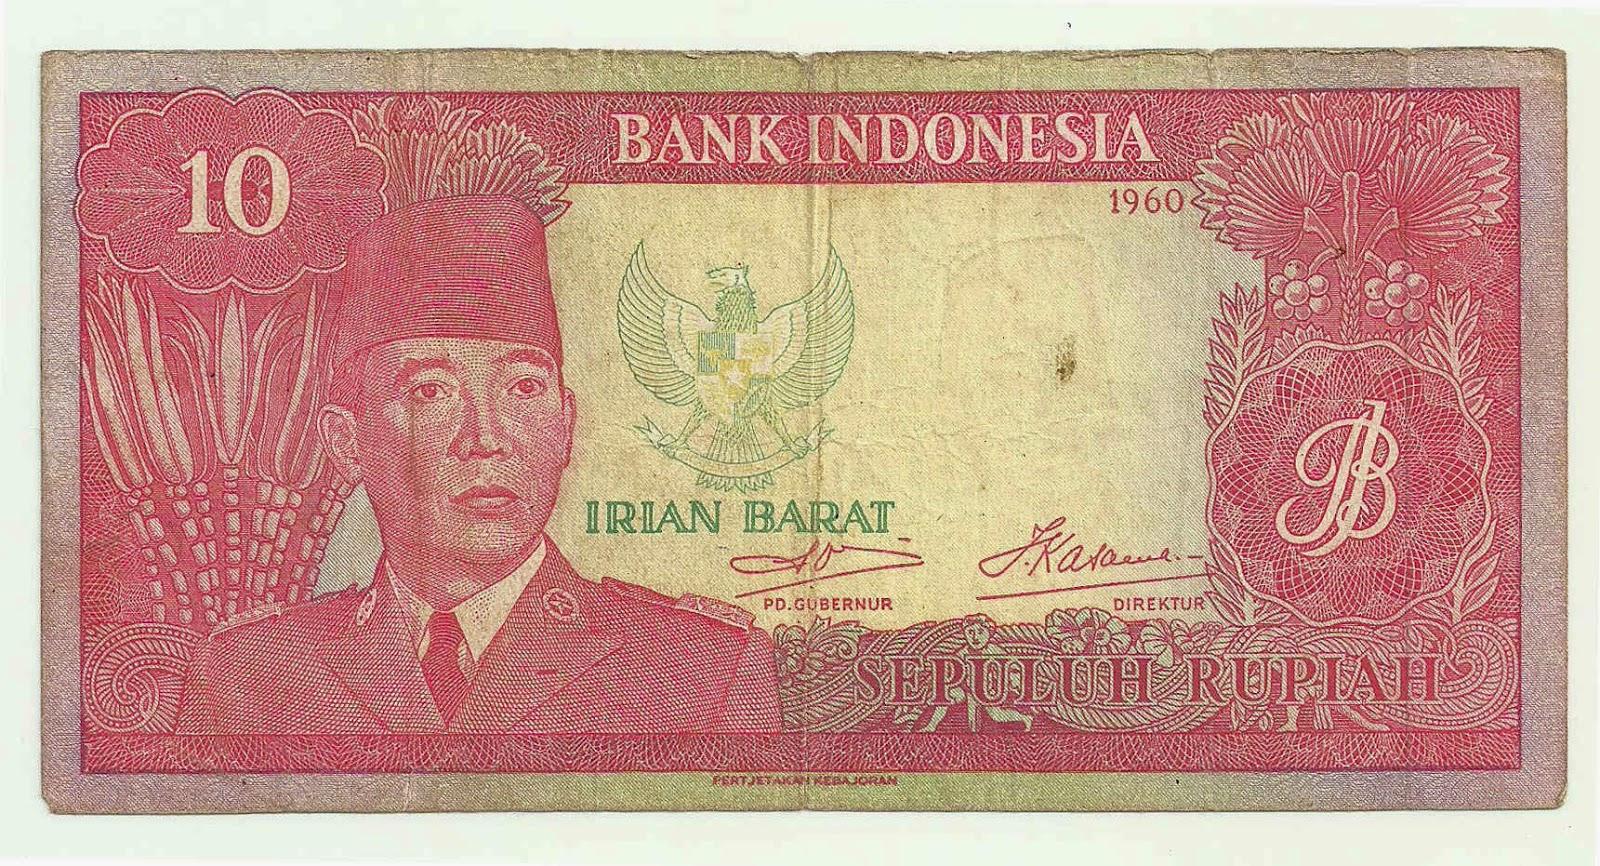 Uang kuno Seri Soekarno  Irian Barat tahun 1960 Pecahan 10 rupiah